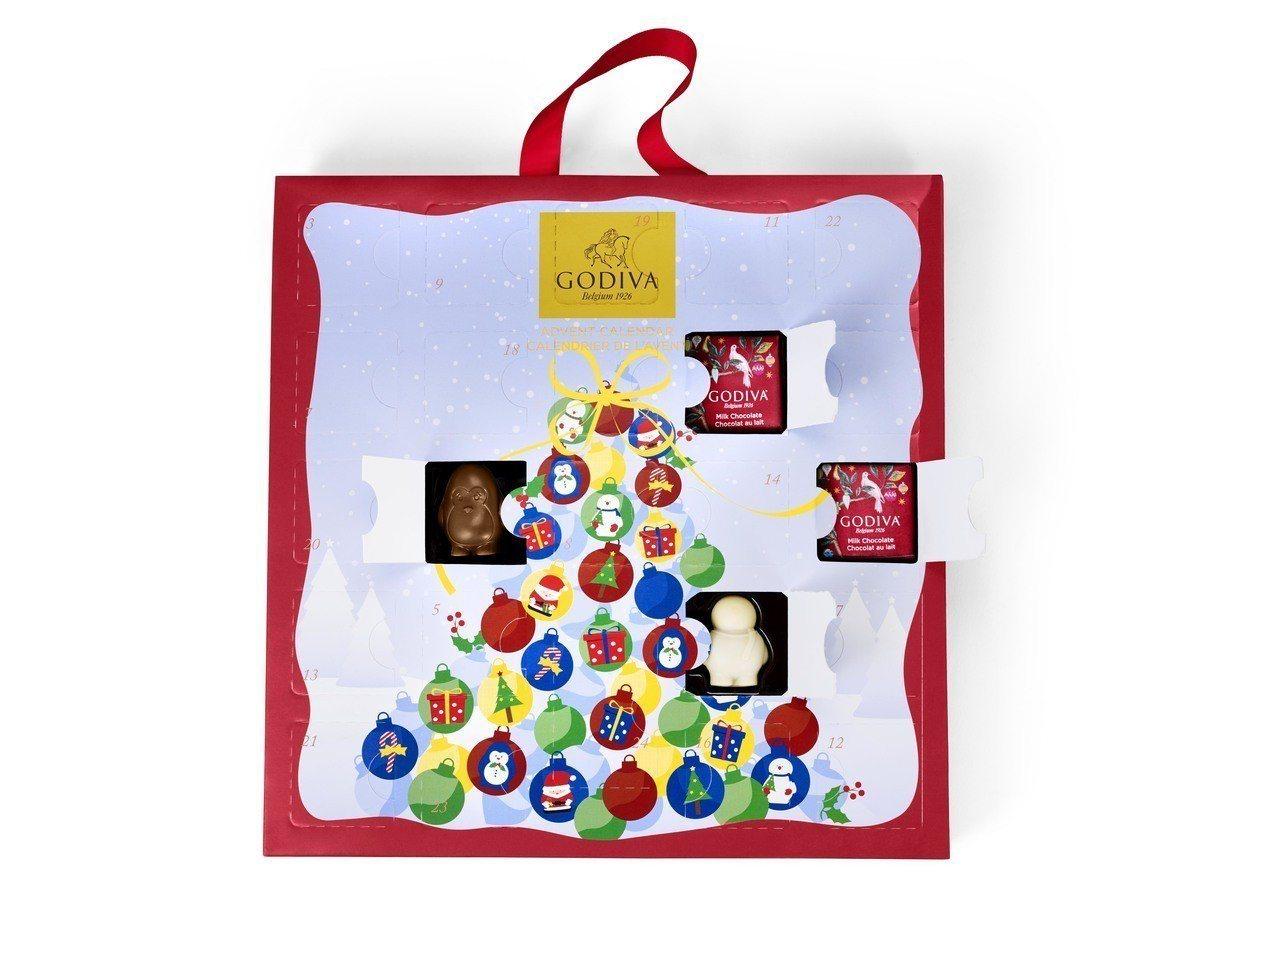 耶誕倒數日曆巧克力禮盒24顆裝,售價2,400元。圖/GODIVA提供